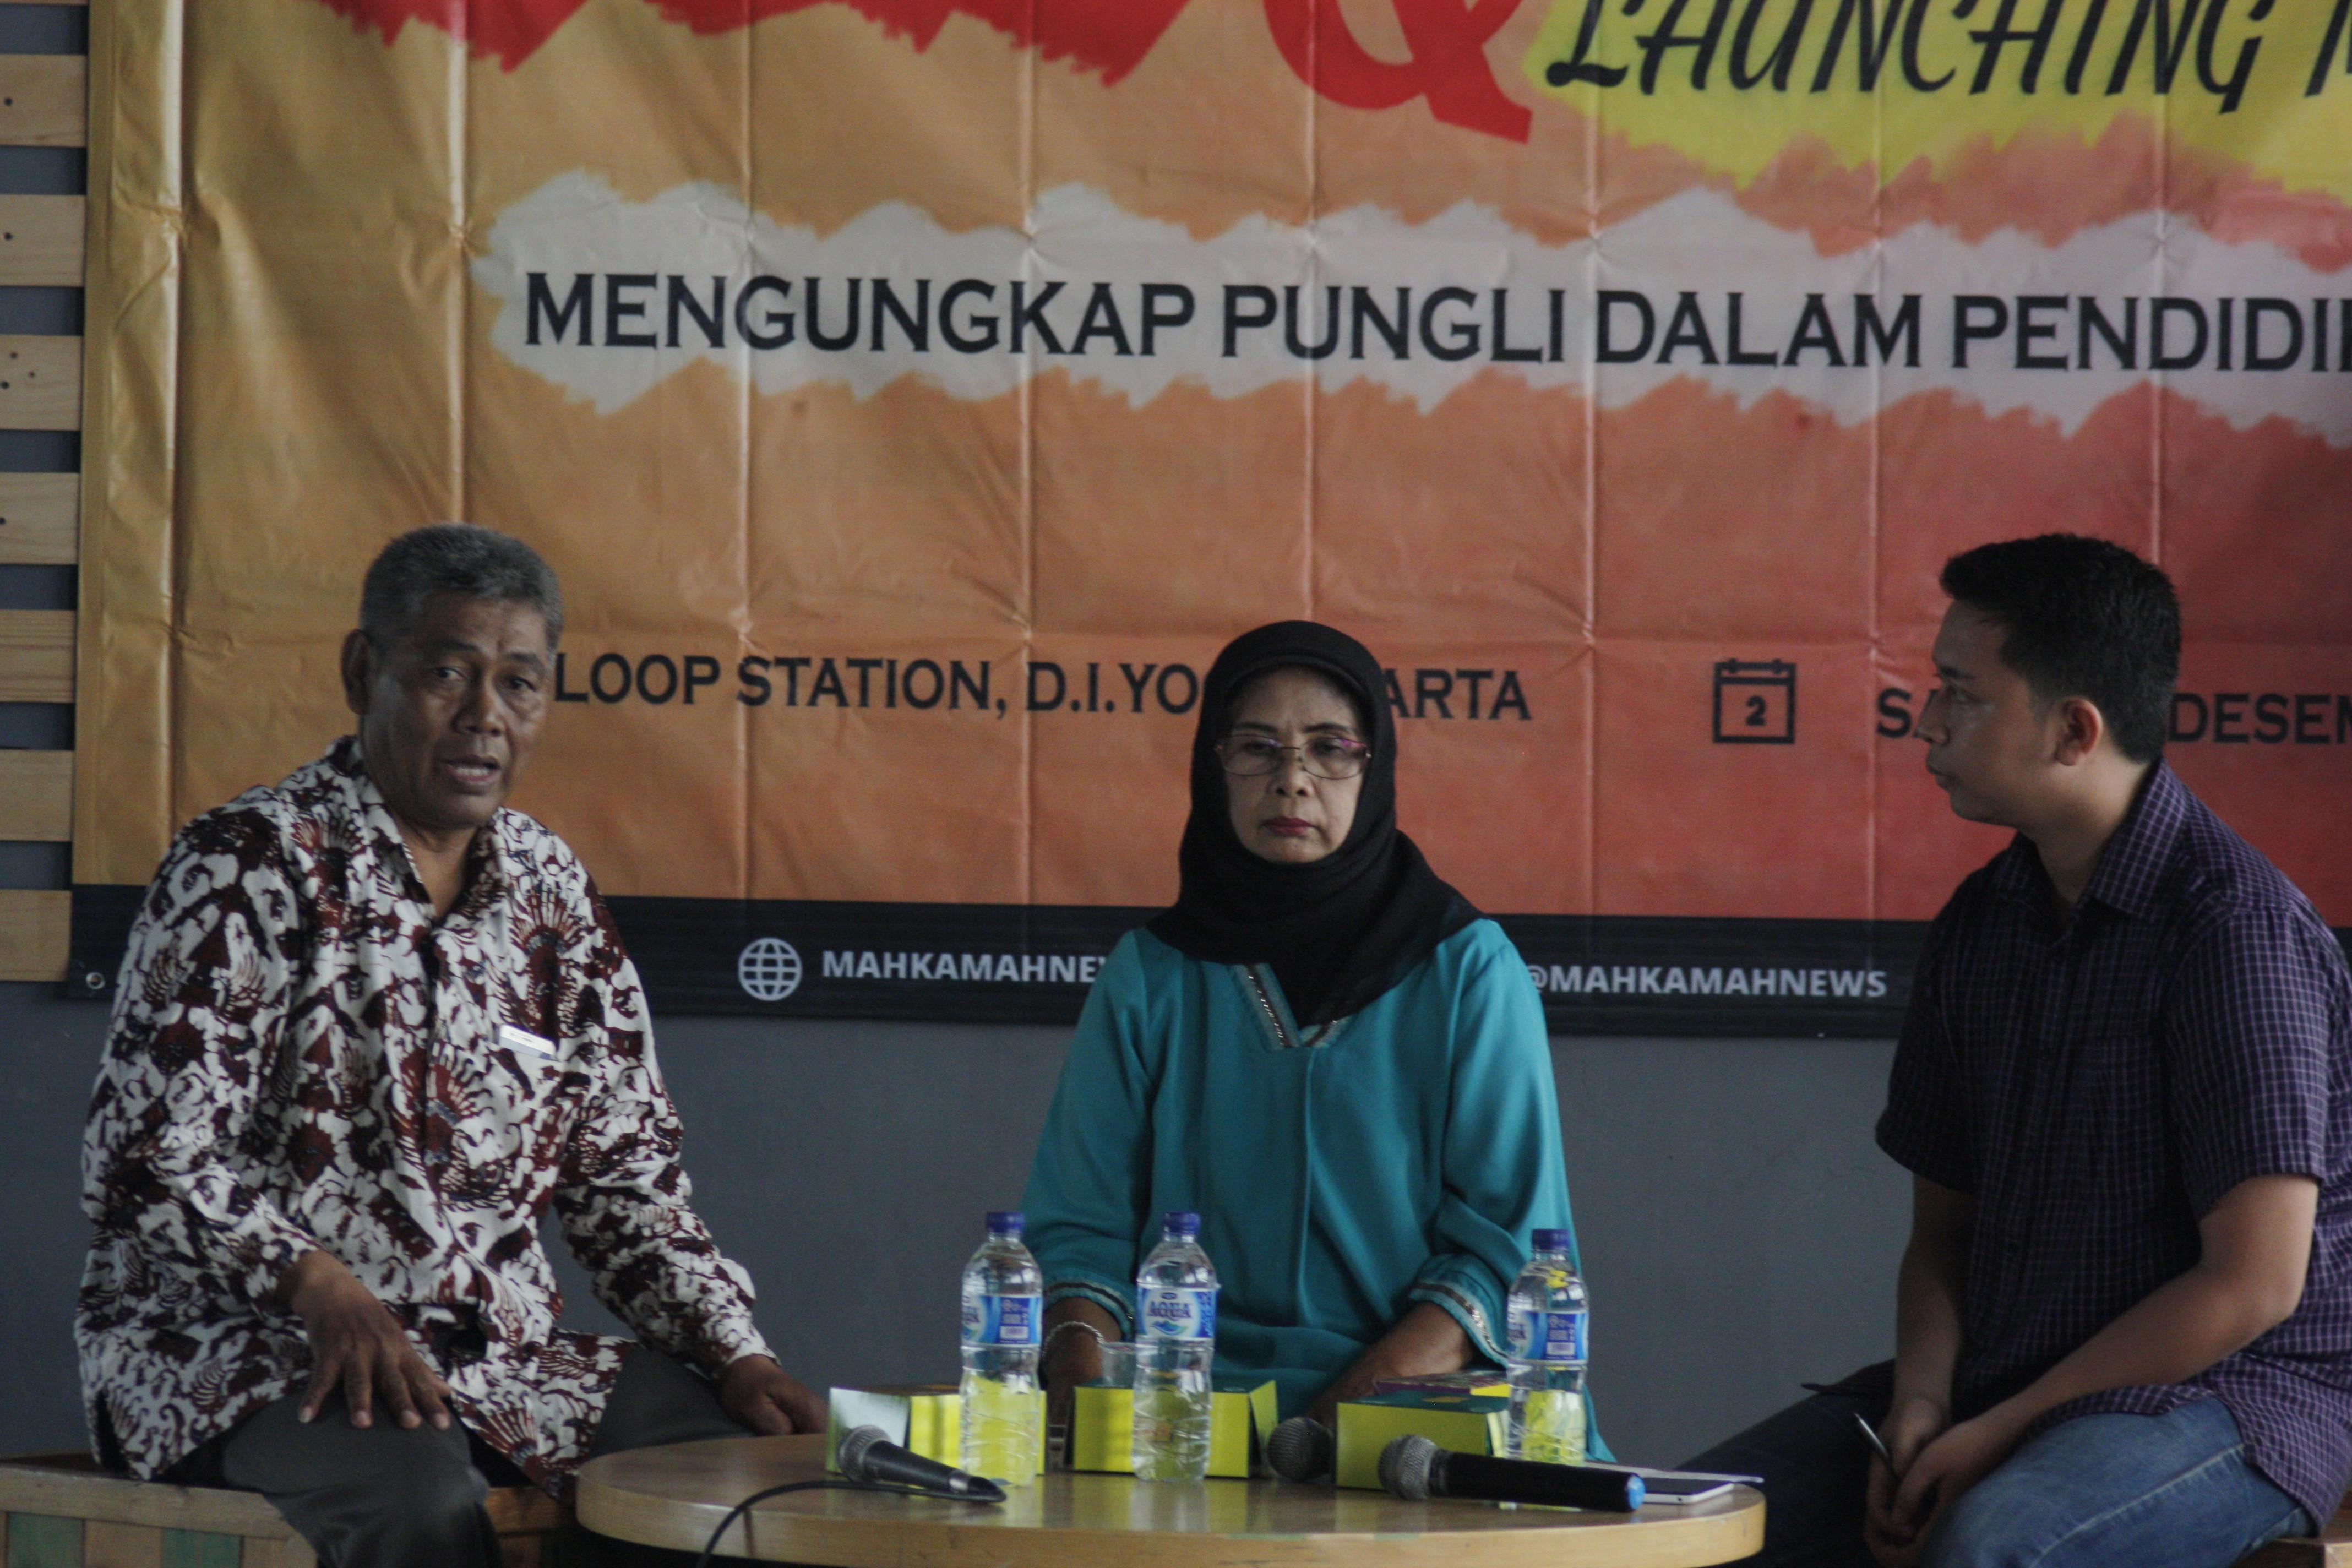 Diskusi Ilmiah & Launching Majalah BPPM MAHKAMAH 2017: Pungli dalam Pendidikan